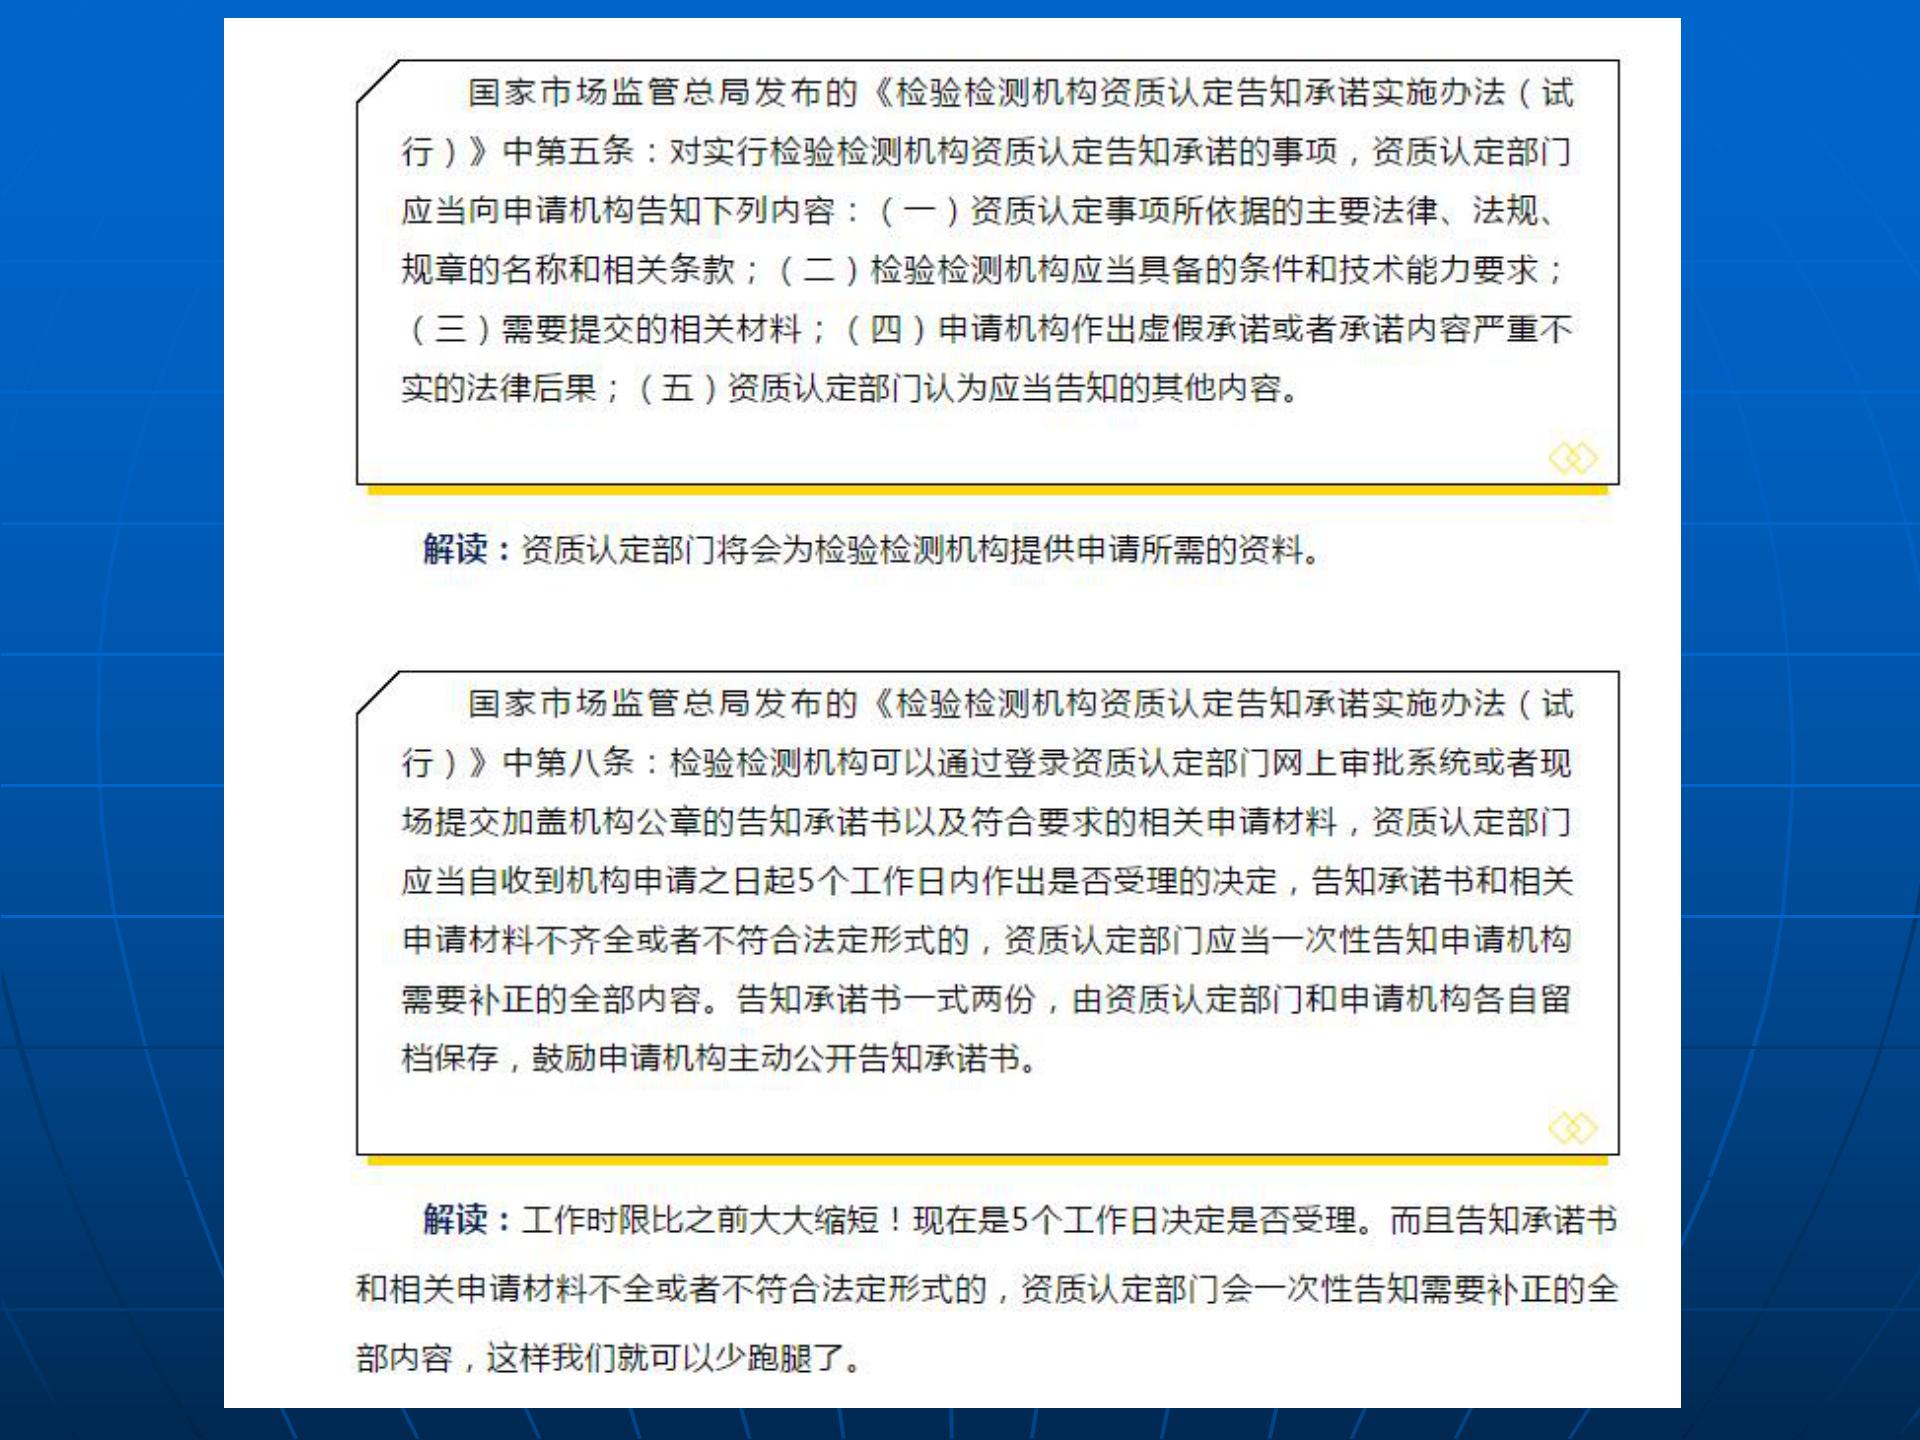 3检验检测机构资质认定告知承诺实施办法 要点解读_04.png